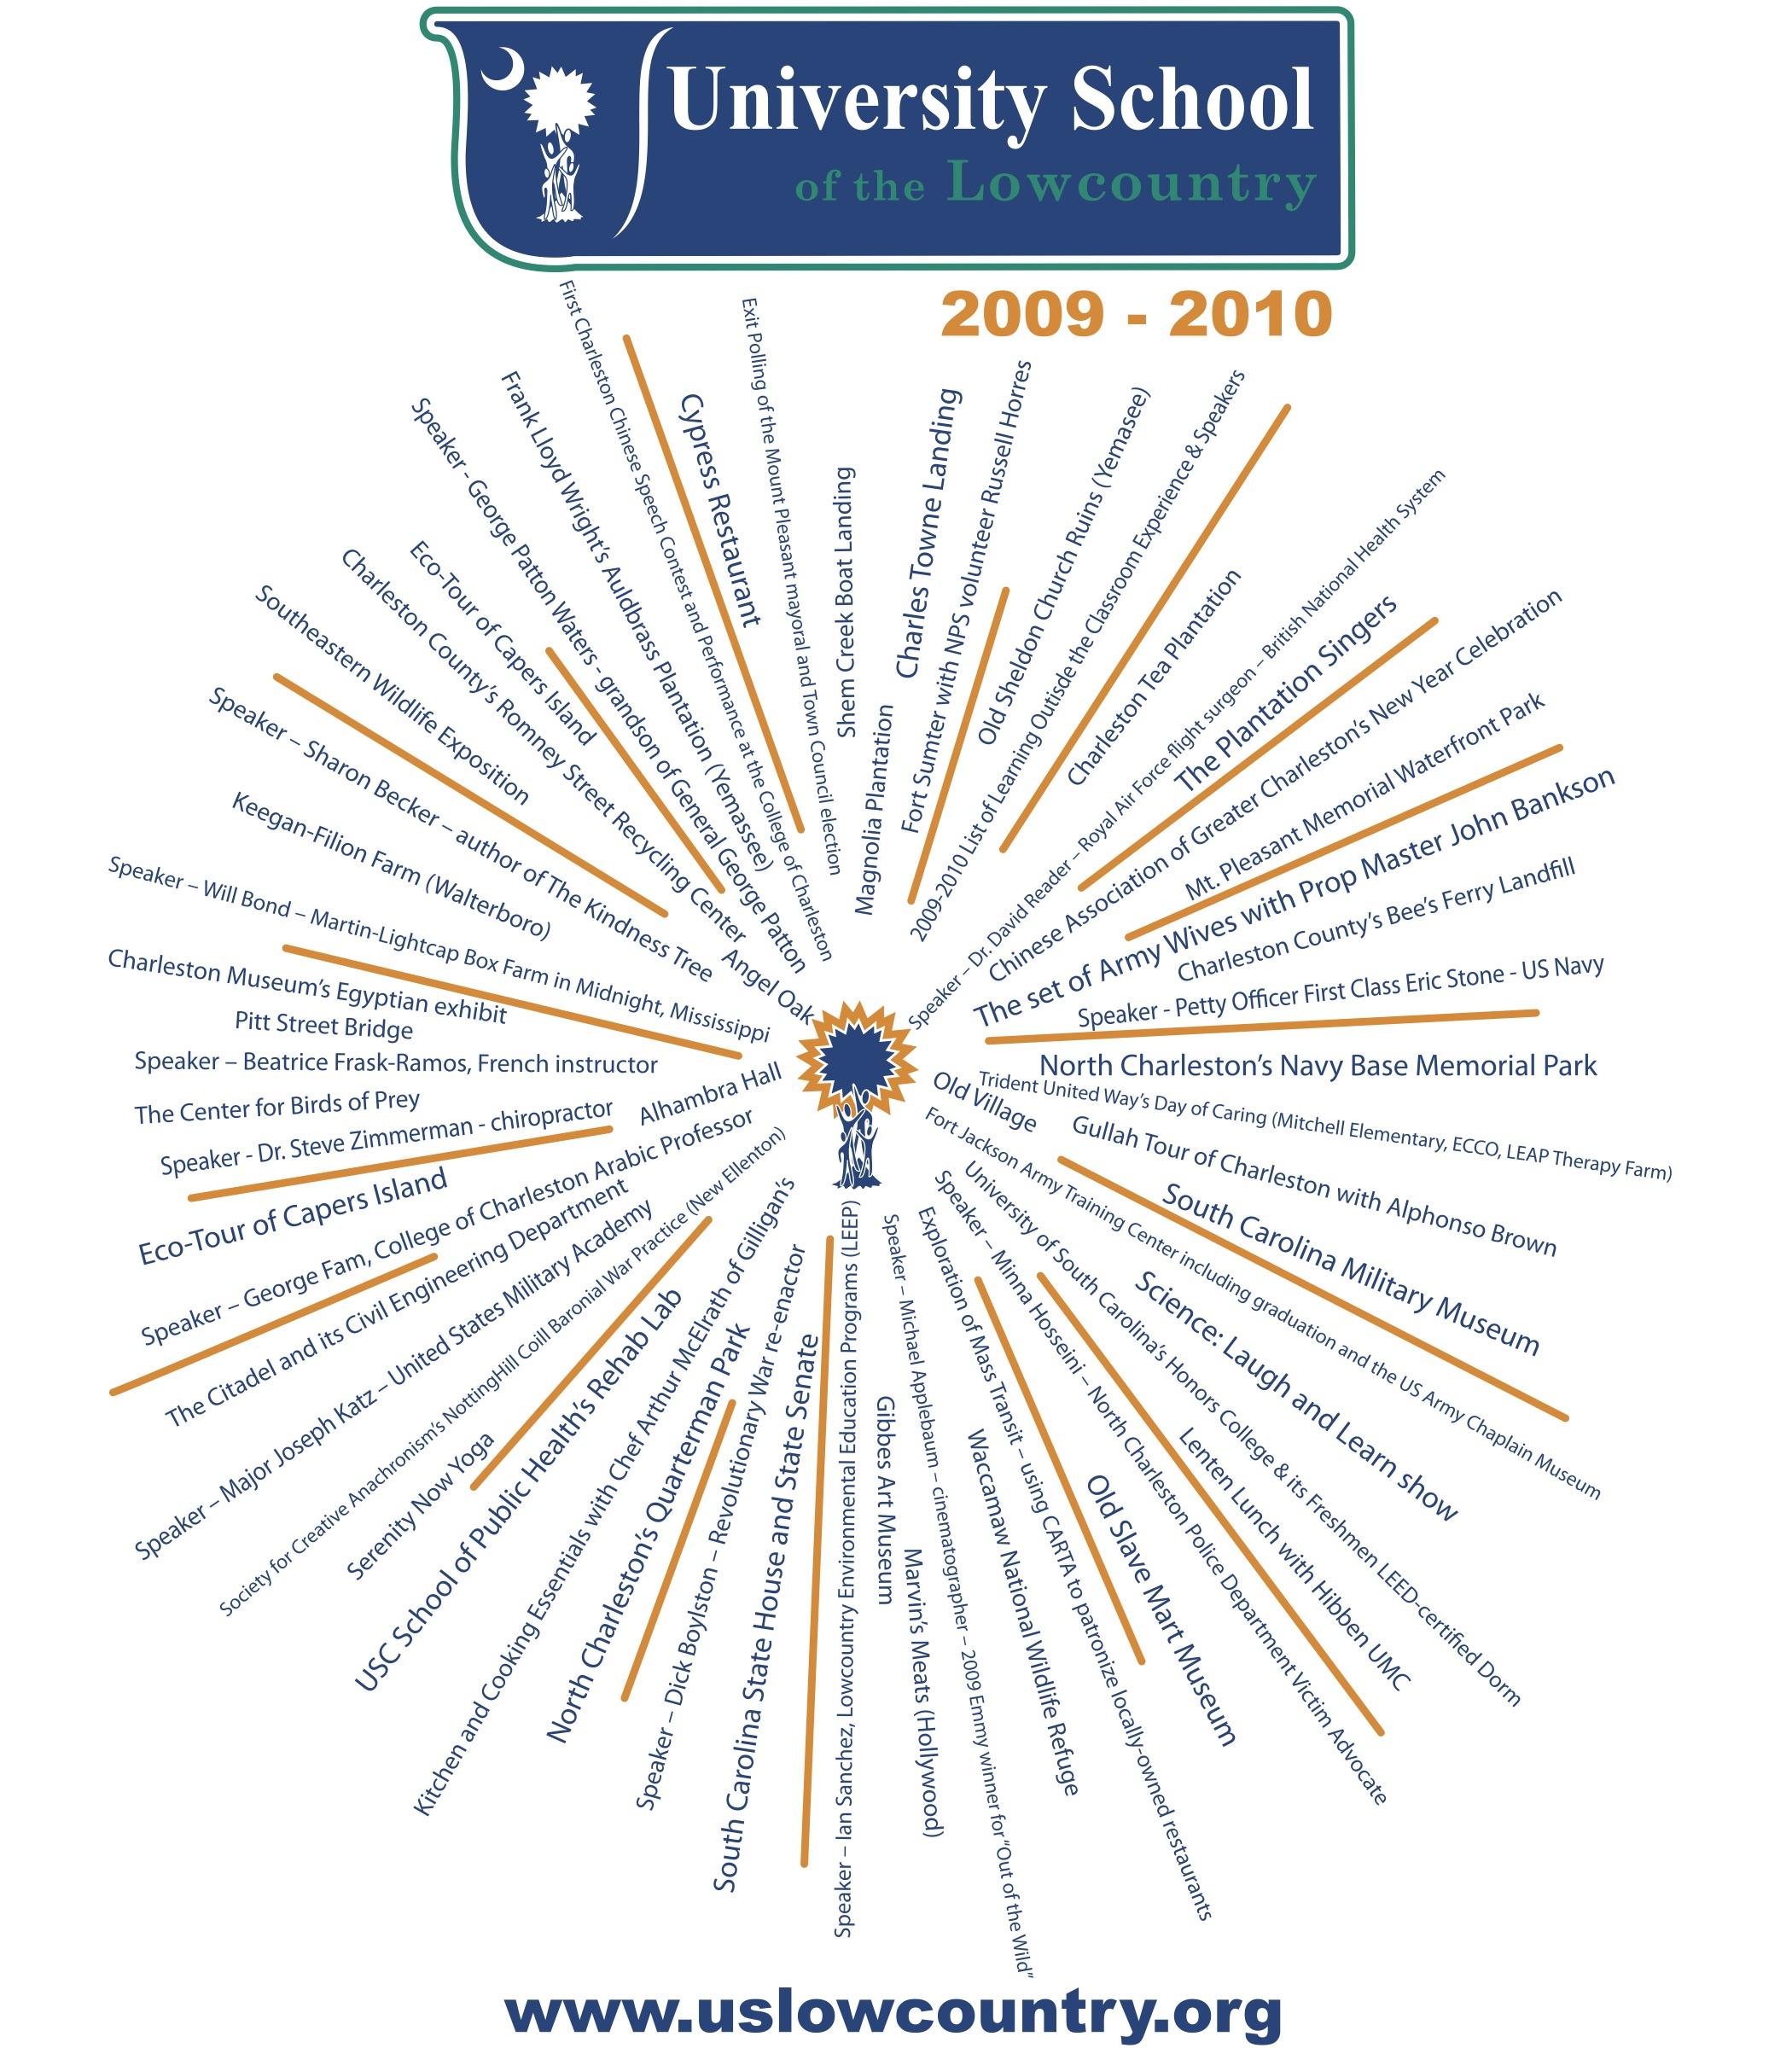 USL Highlights 2009-2010